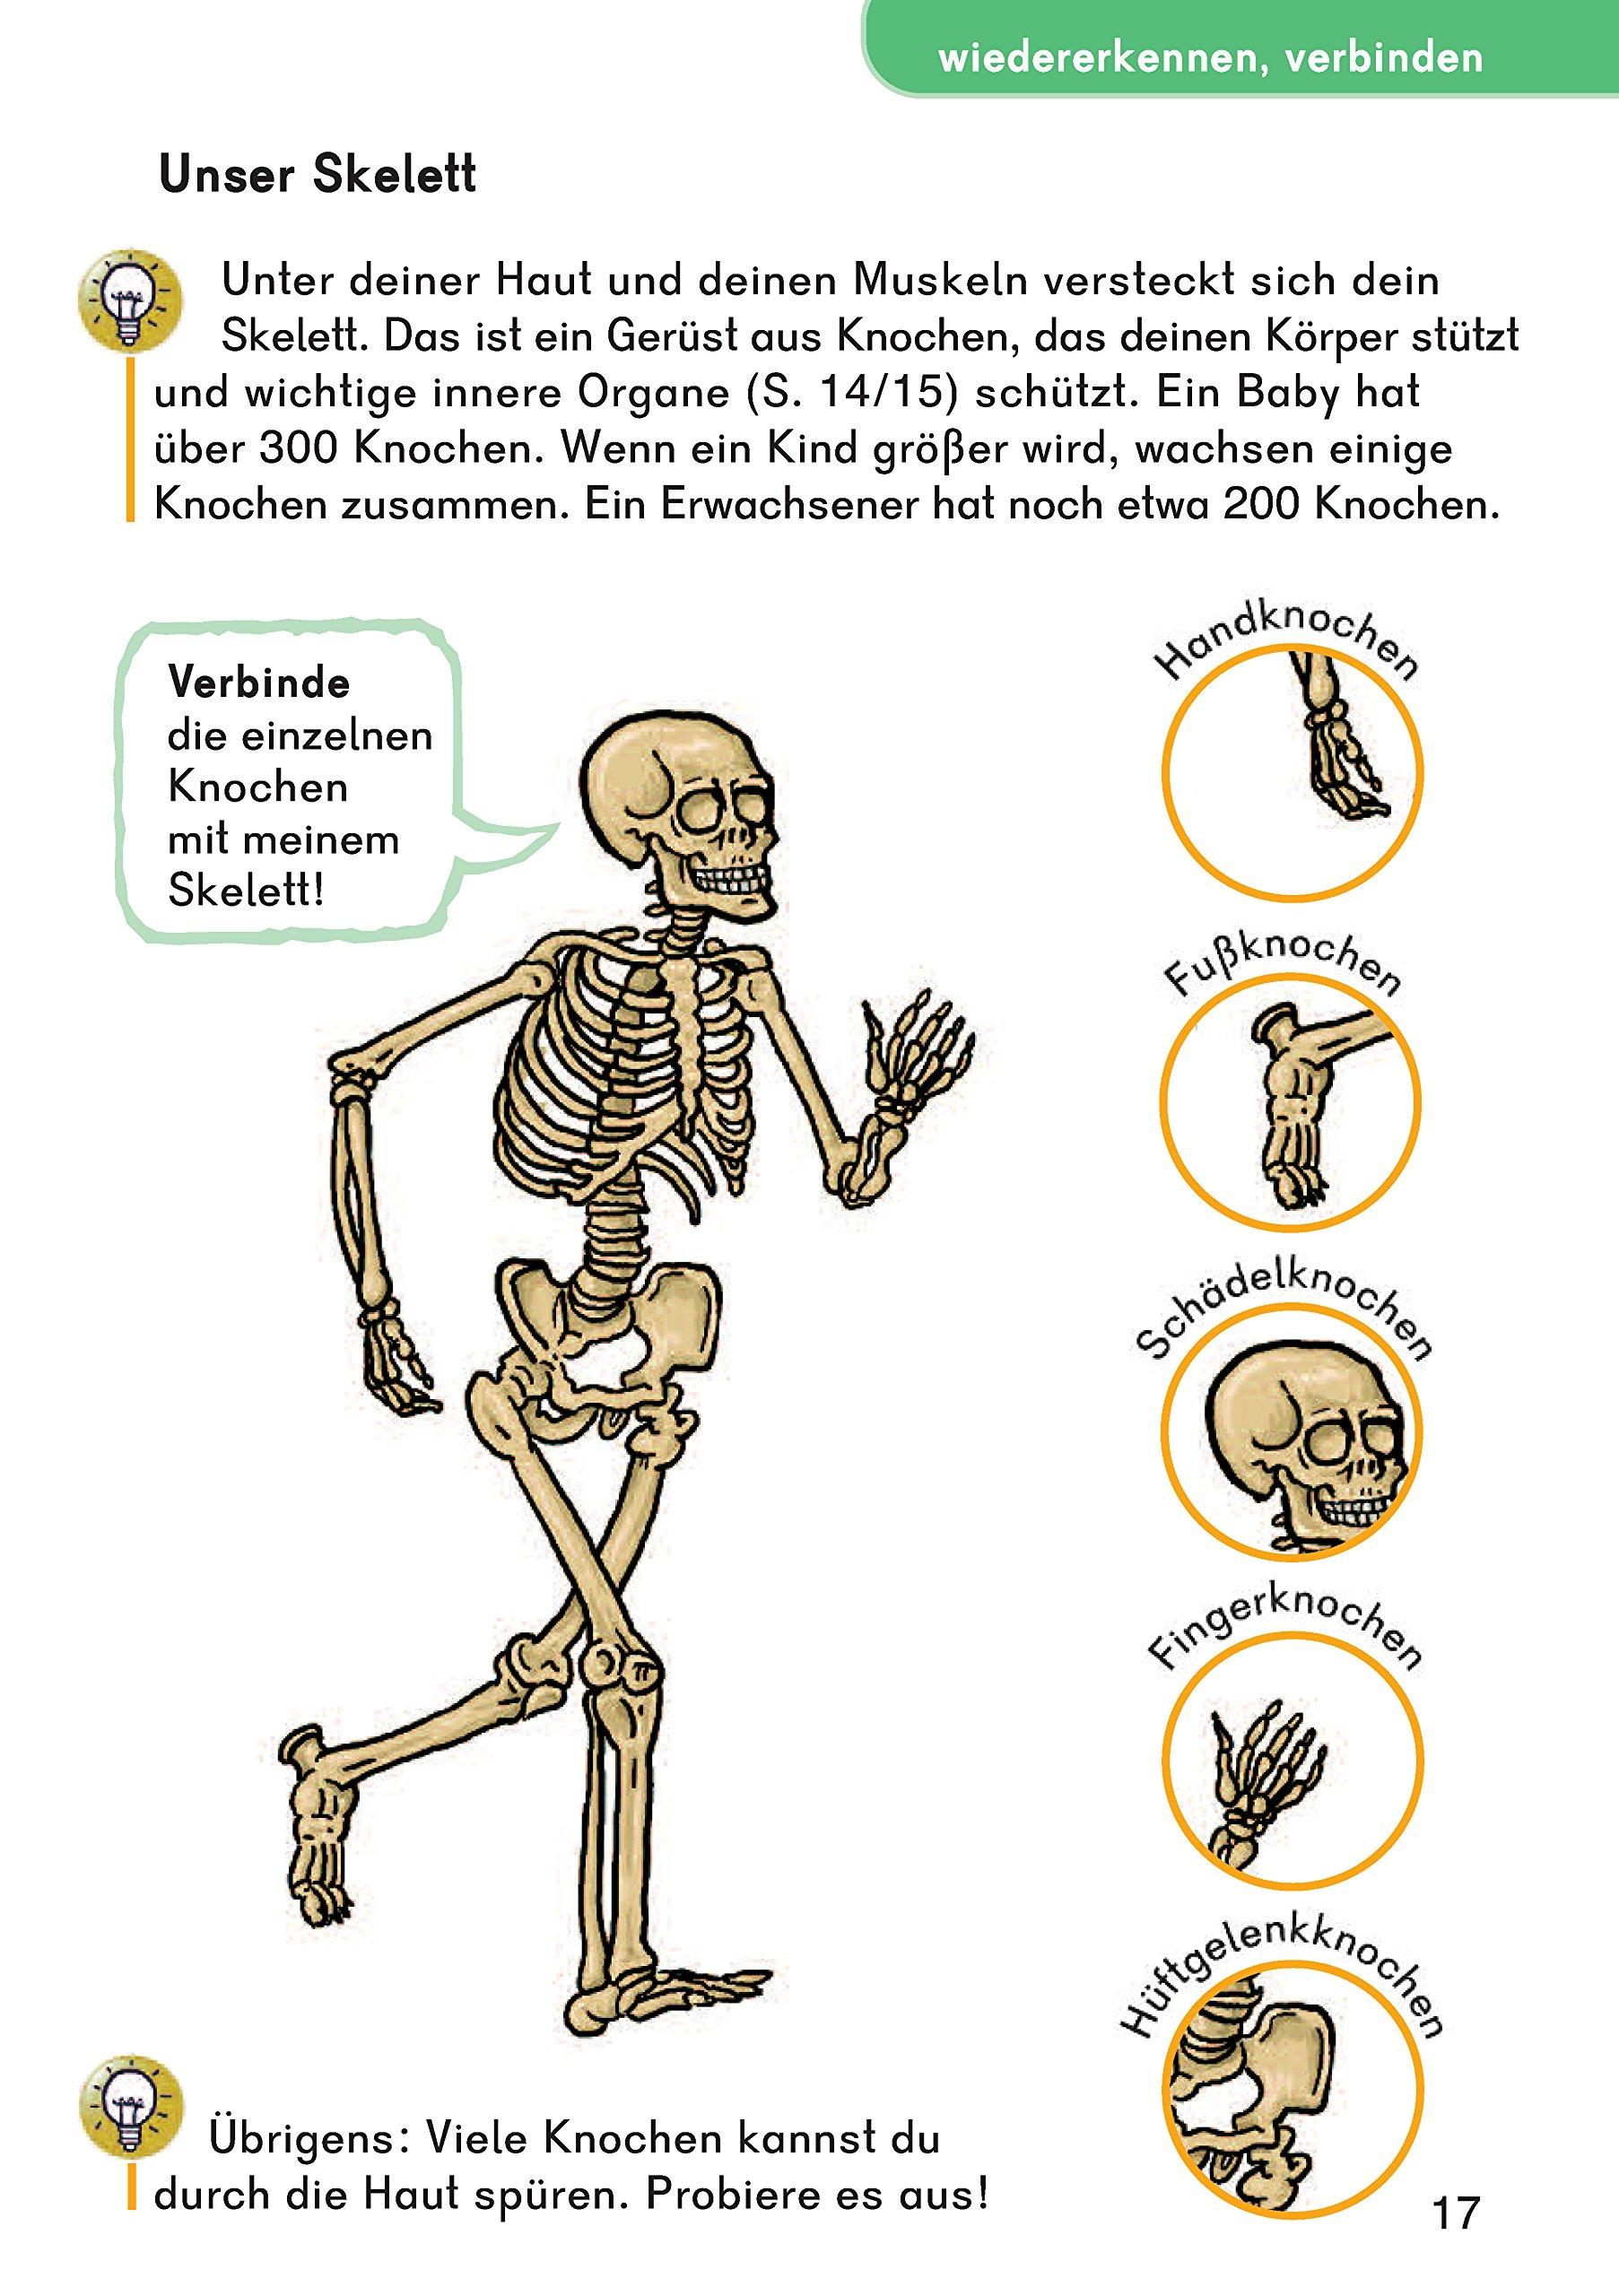 Ausgezeichnet Muskeln Und Knochen Des Körpers Bilder - Menschliche ...